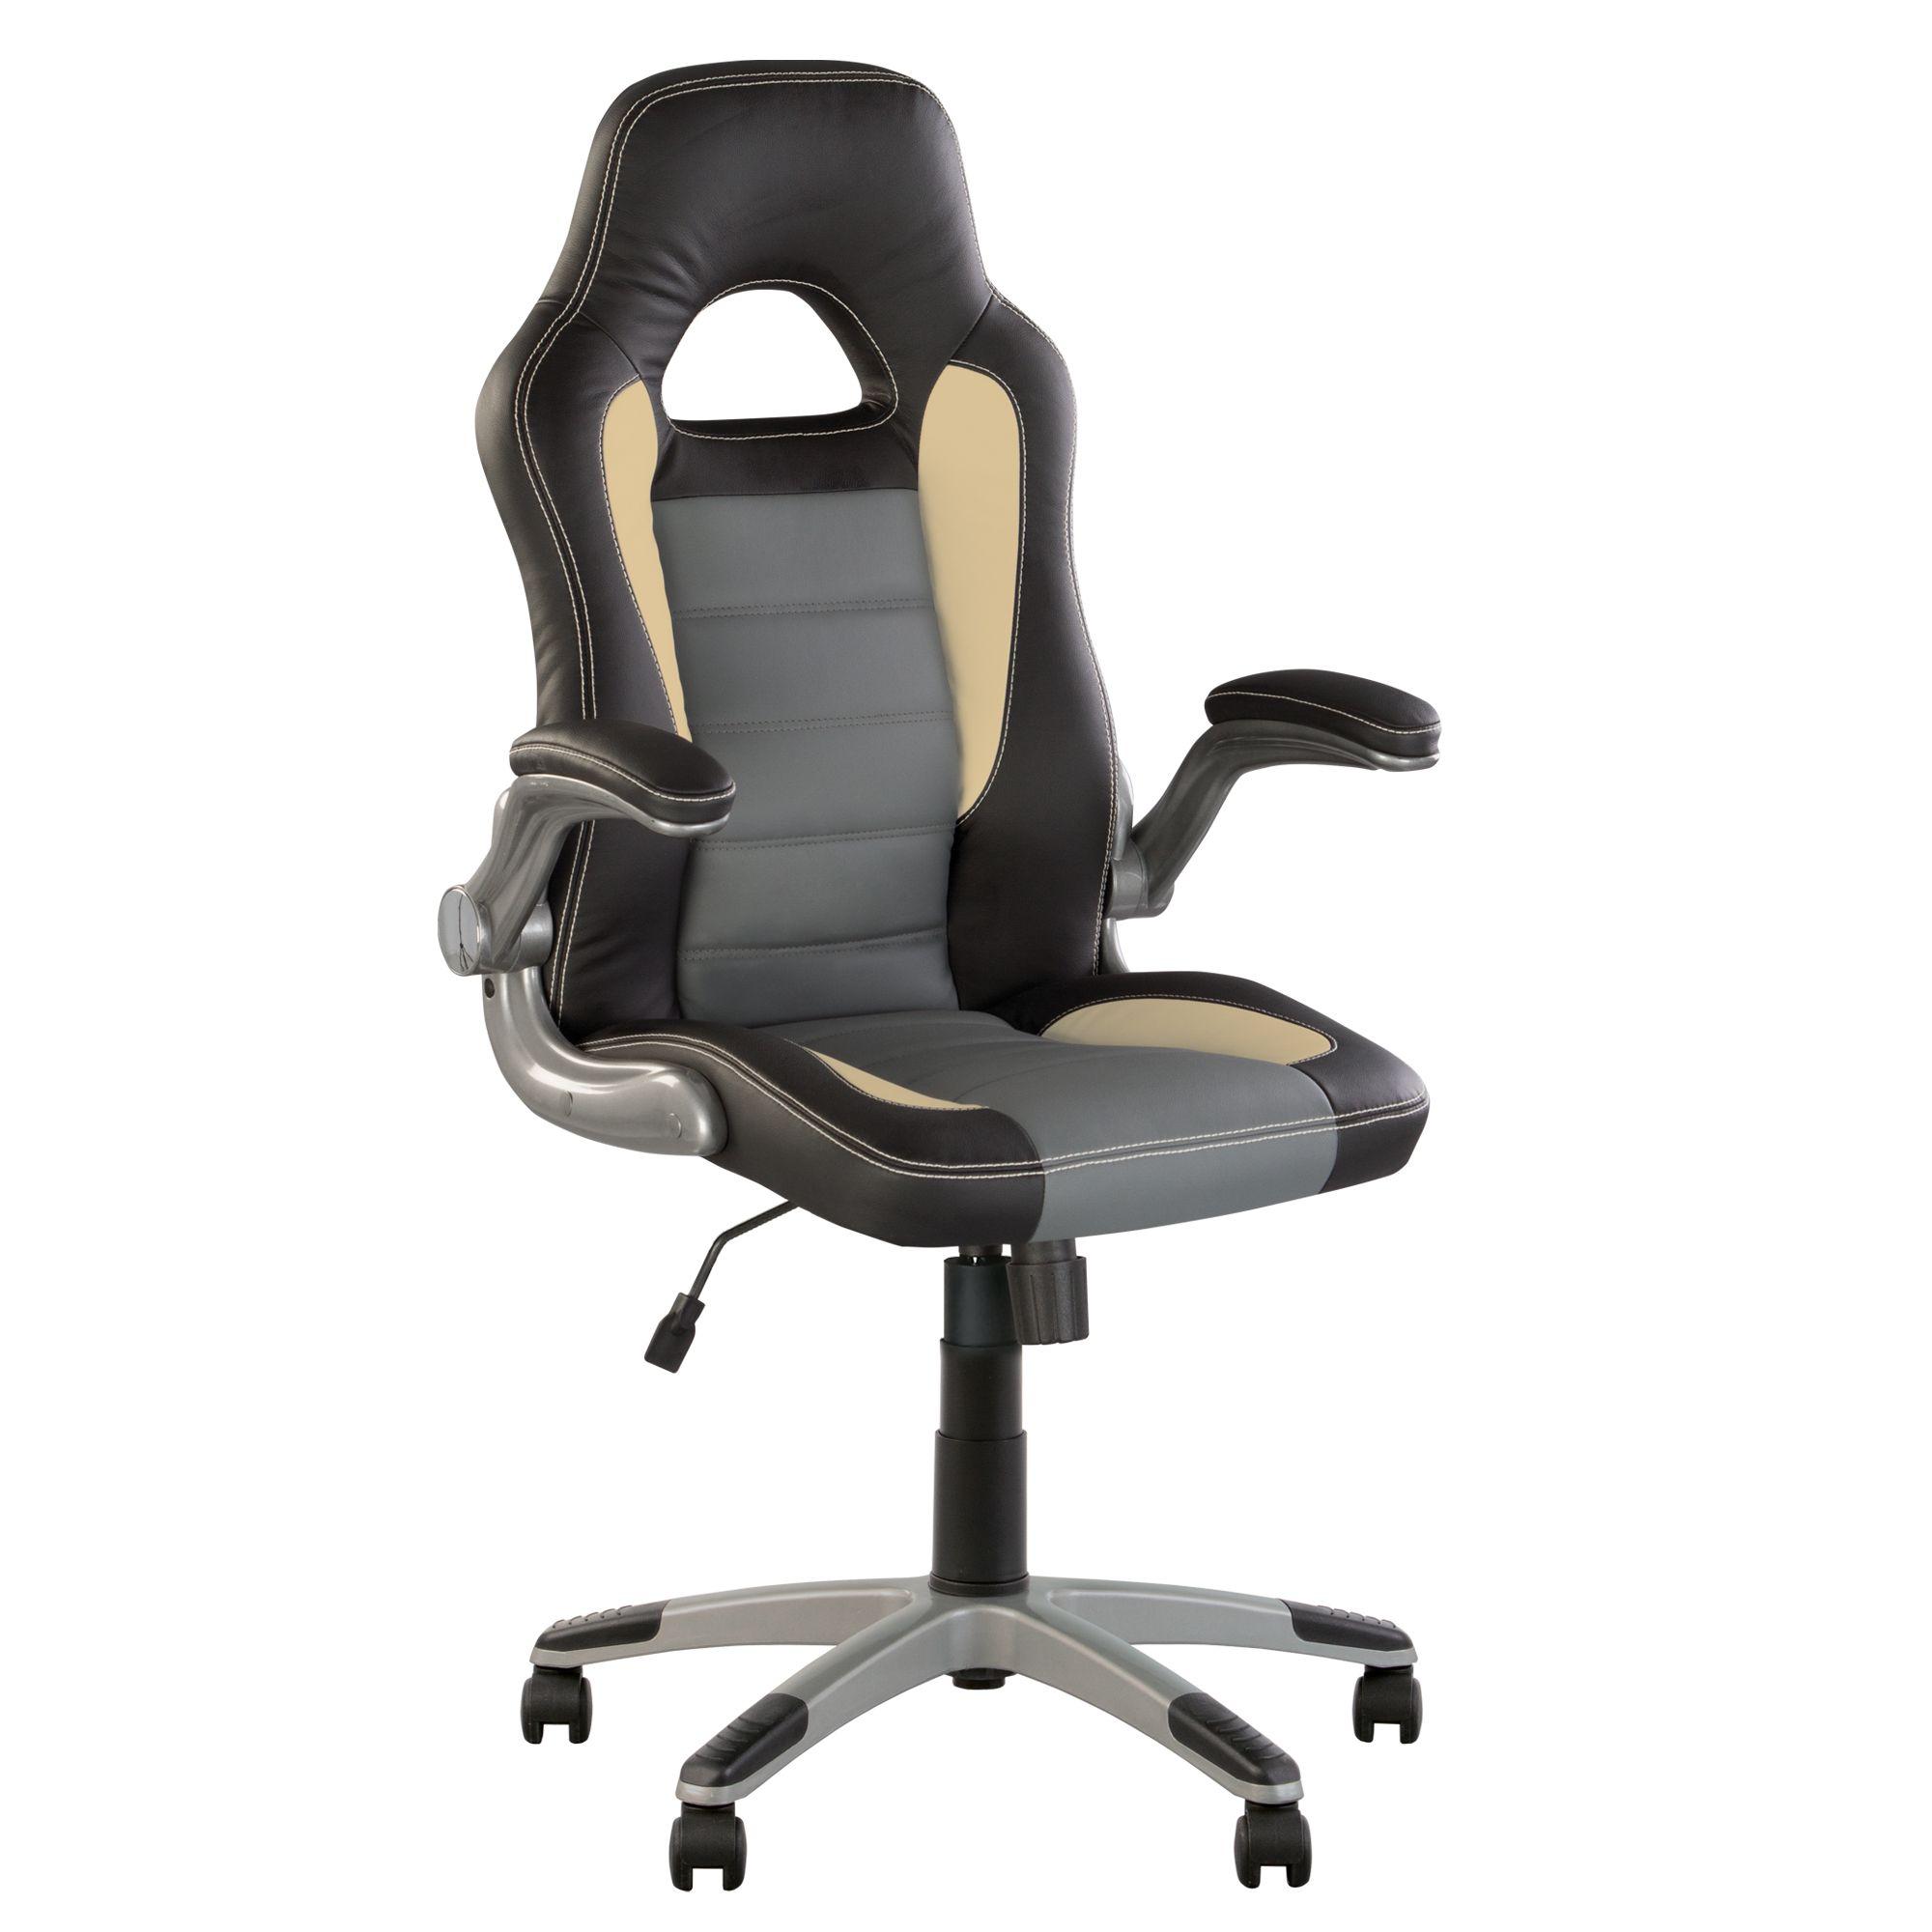 gris Racer direction de sportsynchronenoir fauteuil VSMpqUz